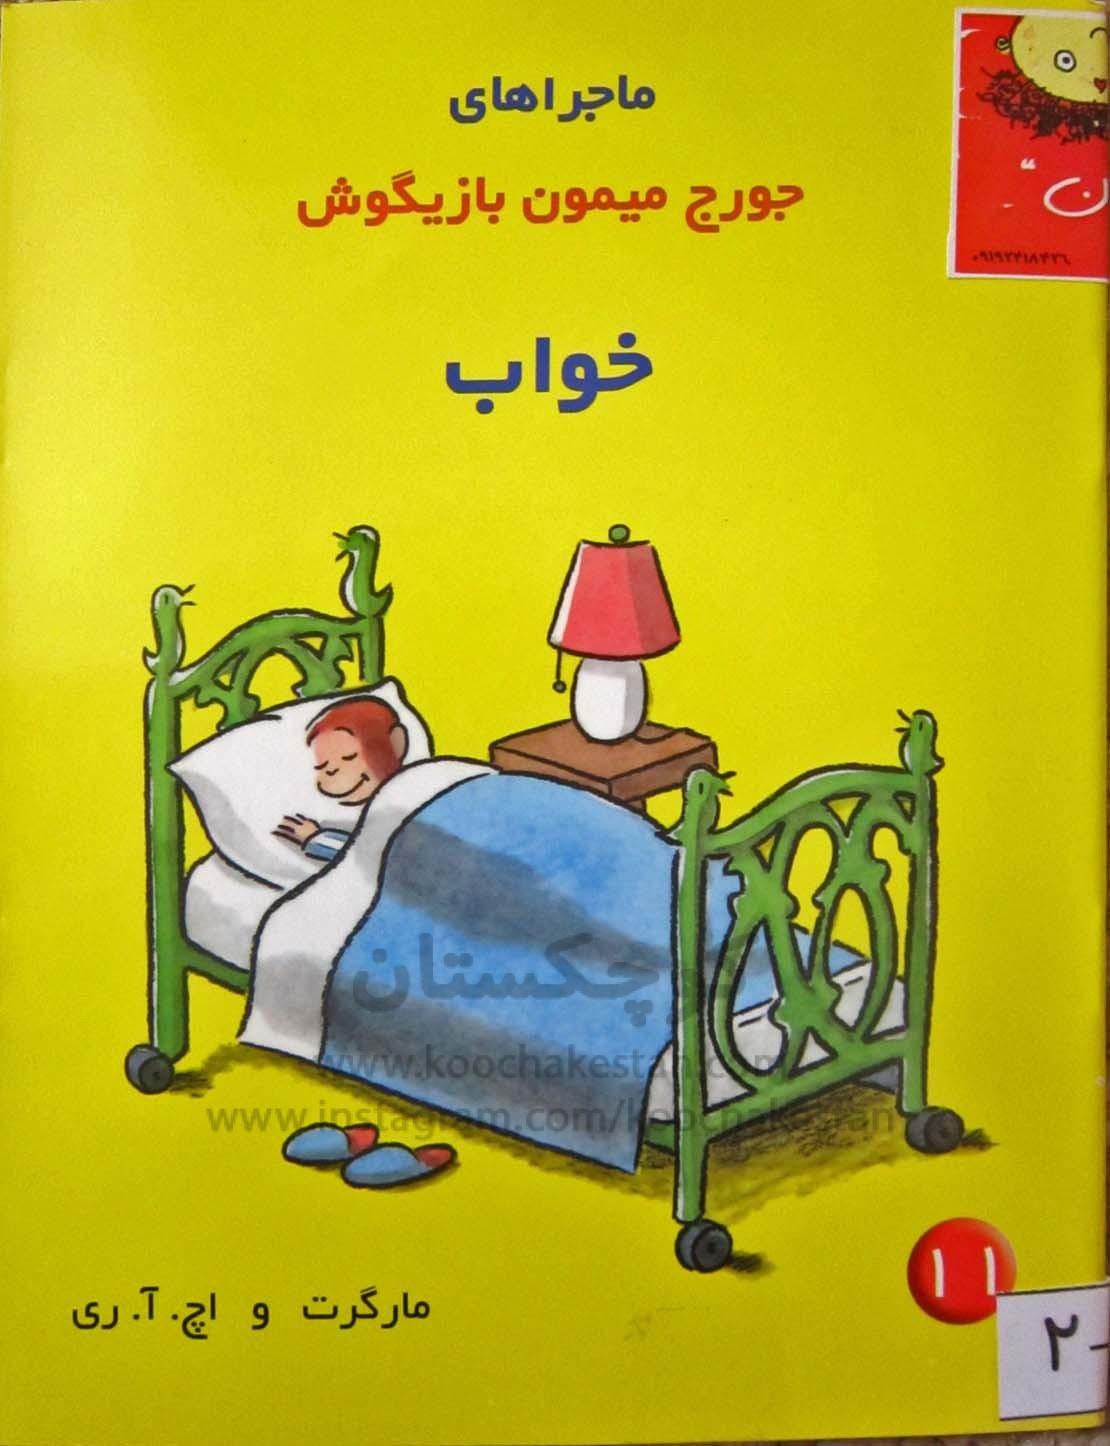 ماجراهای جورج میمون بازیگوش (خواب) - کتابخانه کودک - کوچکستان